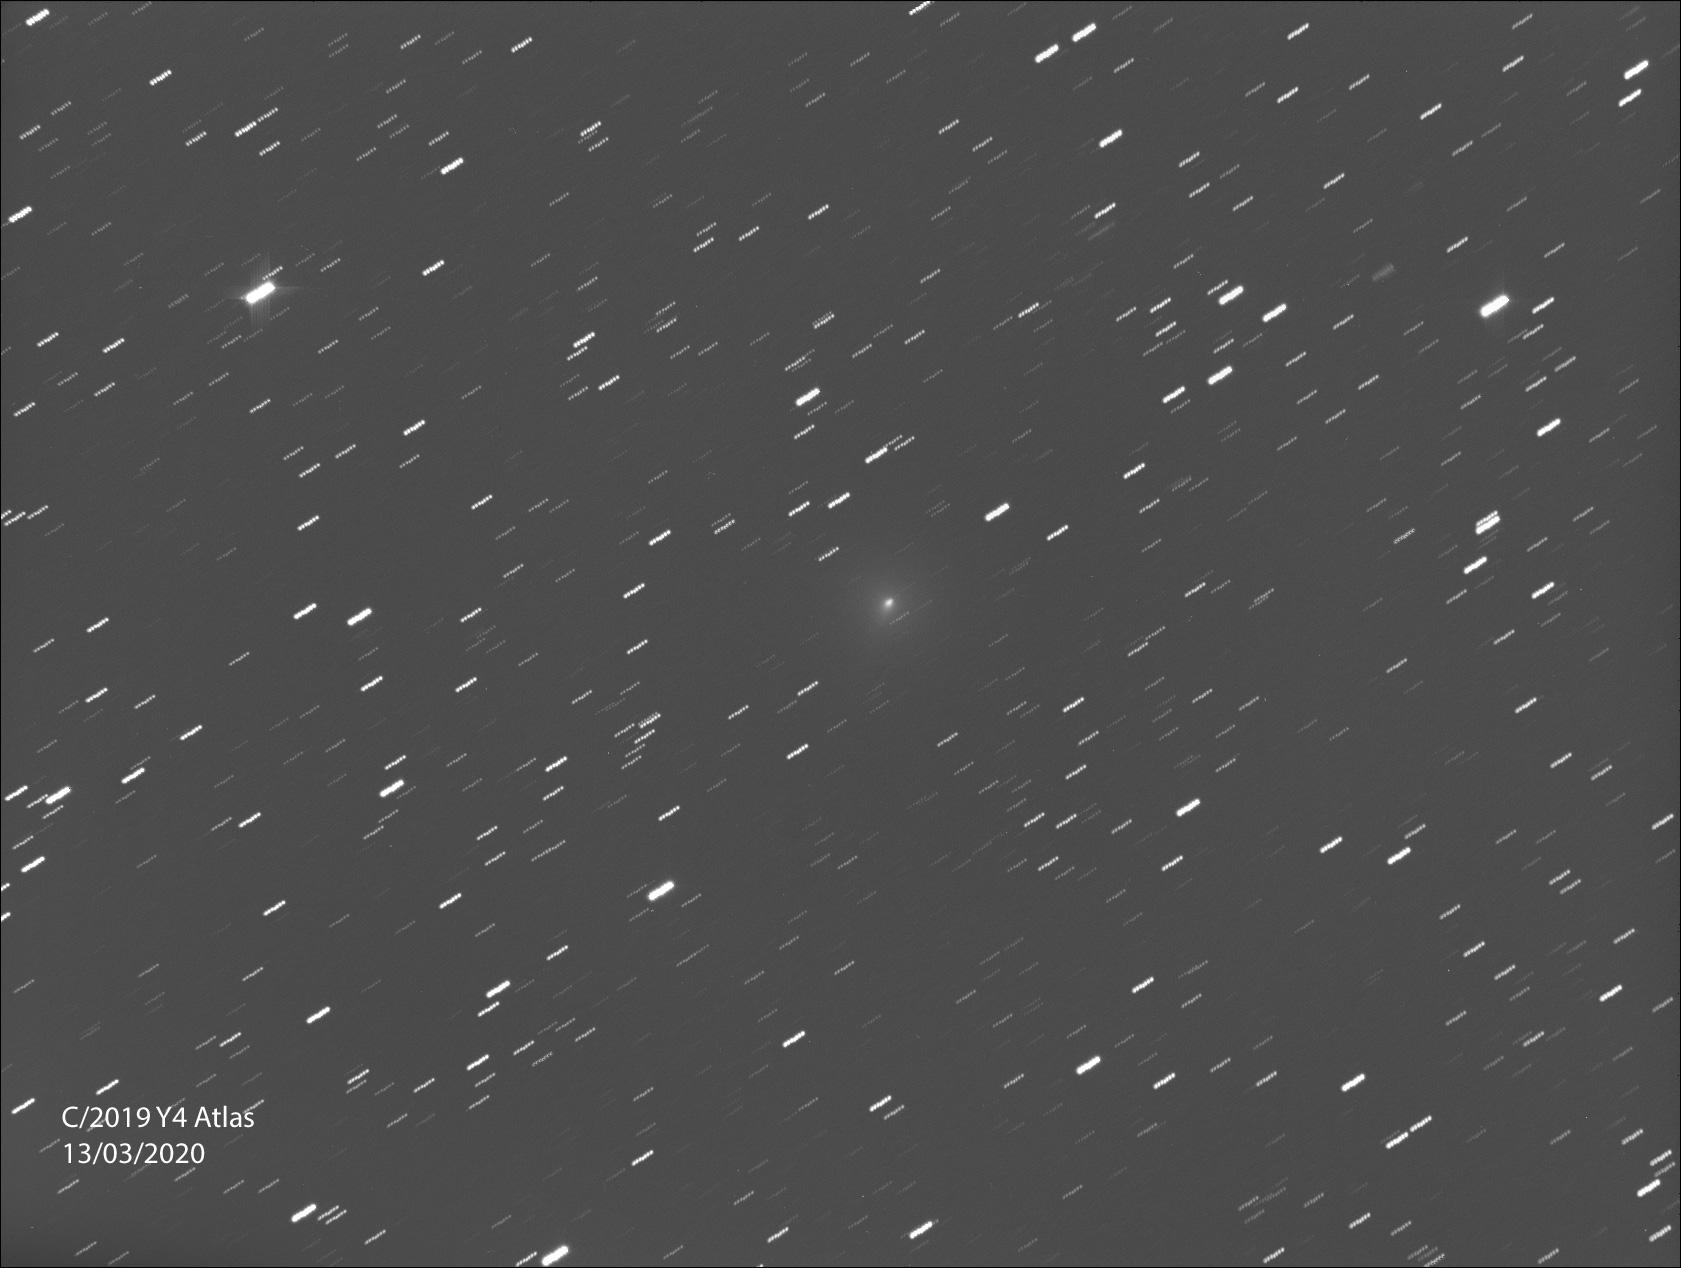 Comètes - Page 22 C2019y4comete